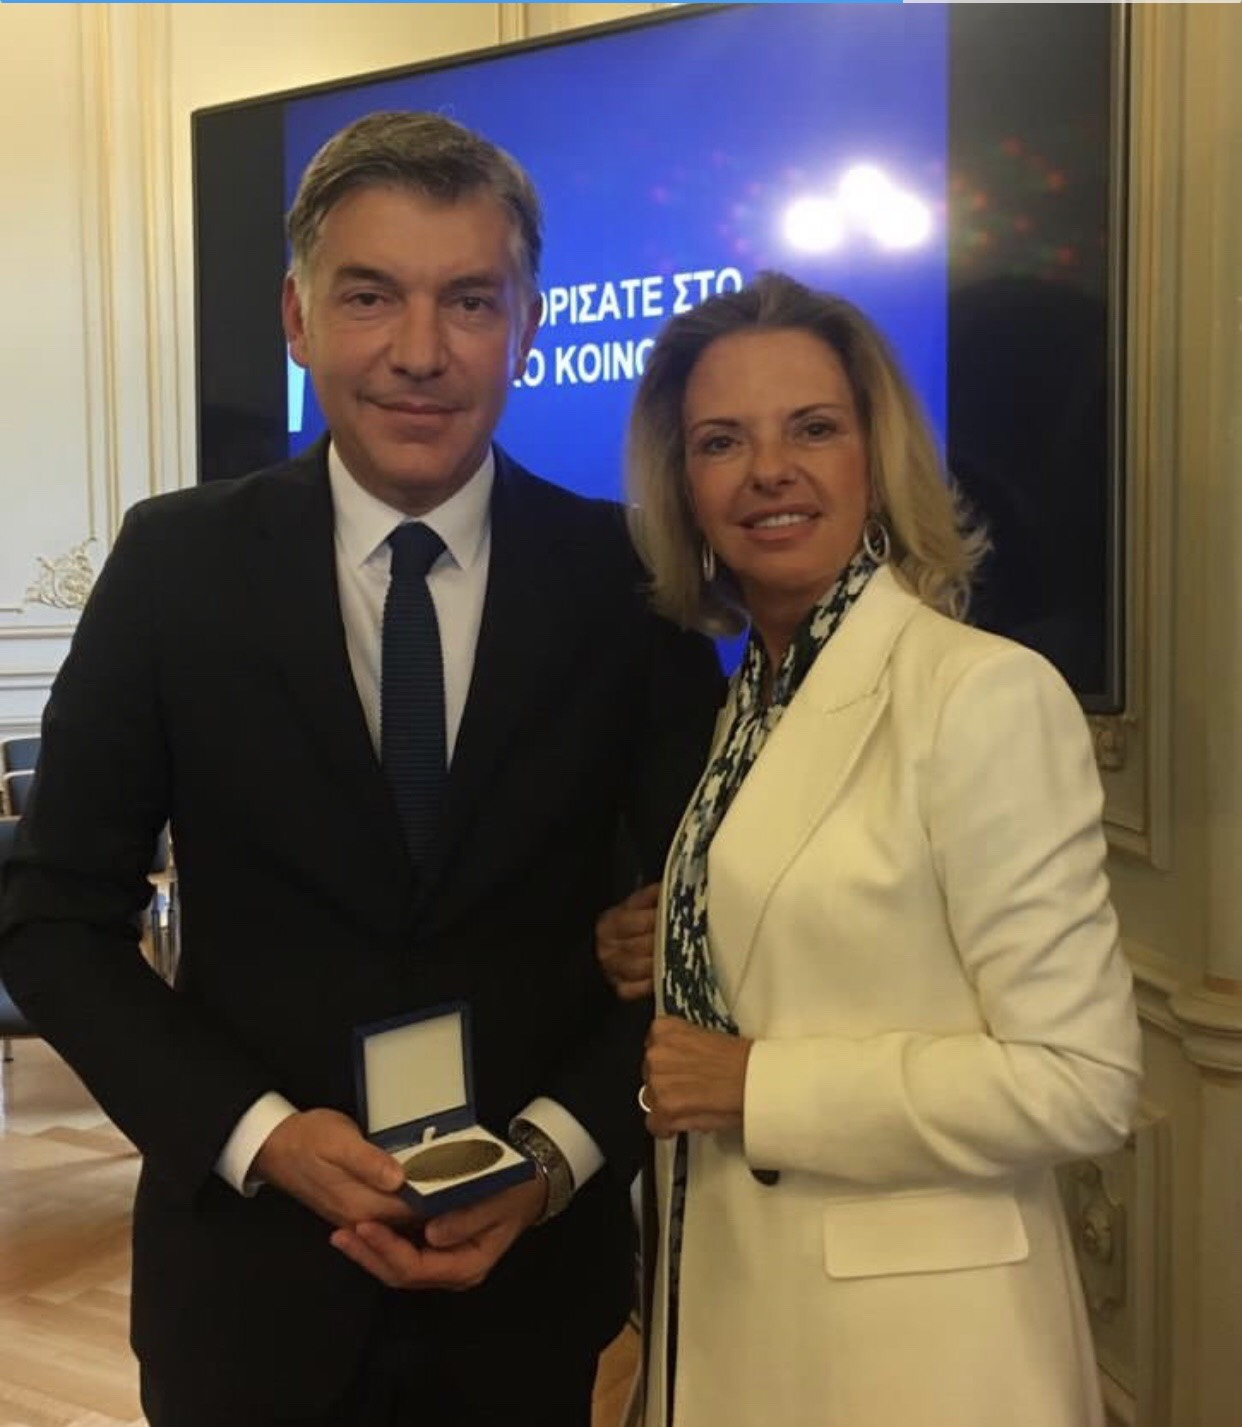 βραβείο_ευρωπαίου_πολίτη_Hopegenesis_MKO_υπογεννητικότητα_Ελλάδα